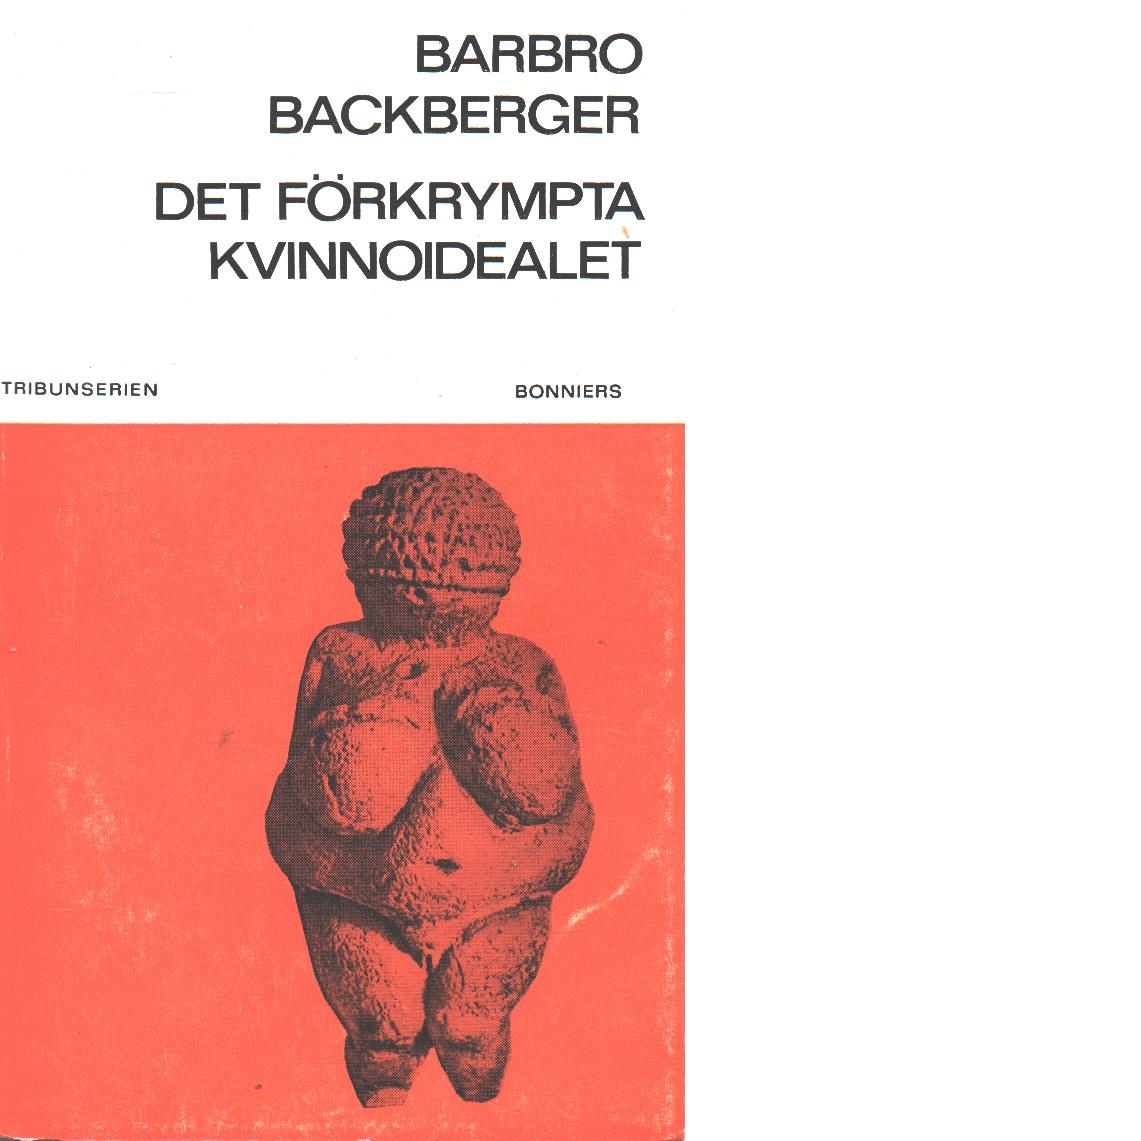 Det förkrympta kvinnoidealet - Backberger, Barbro